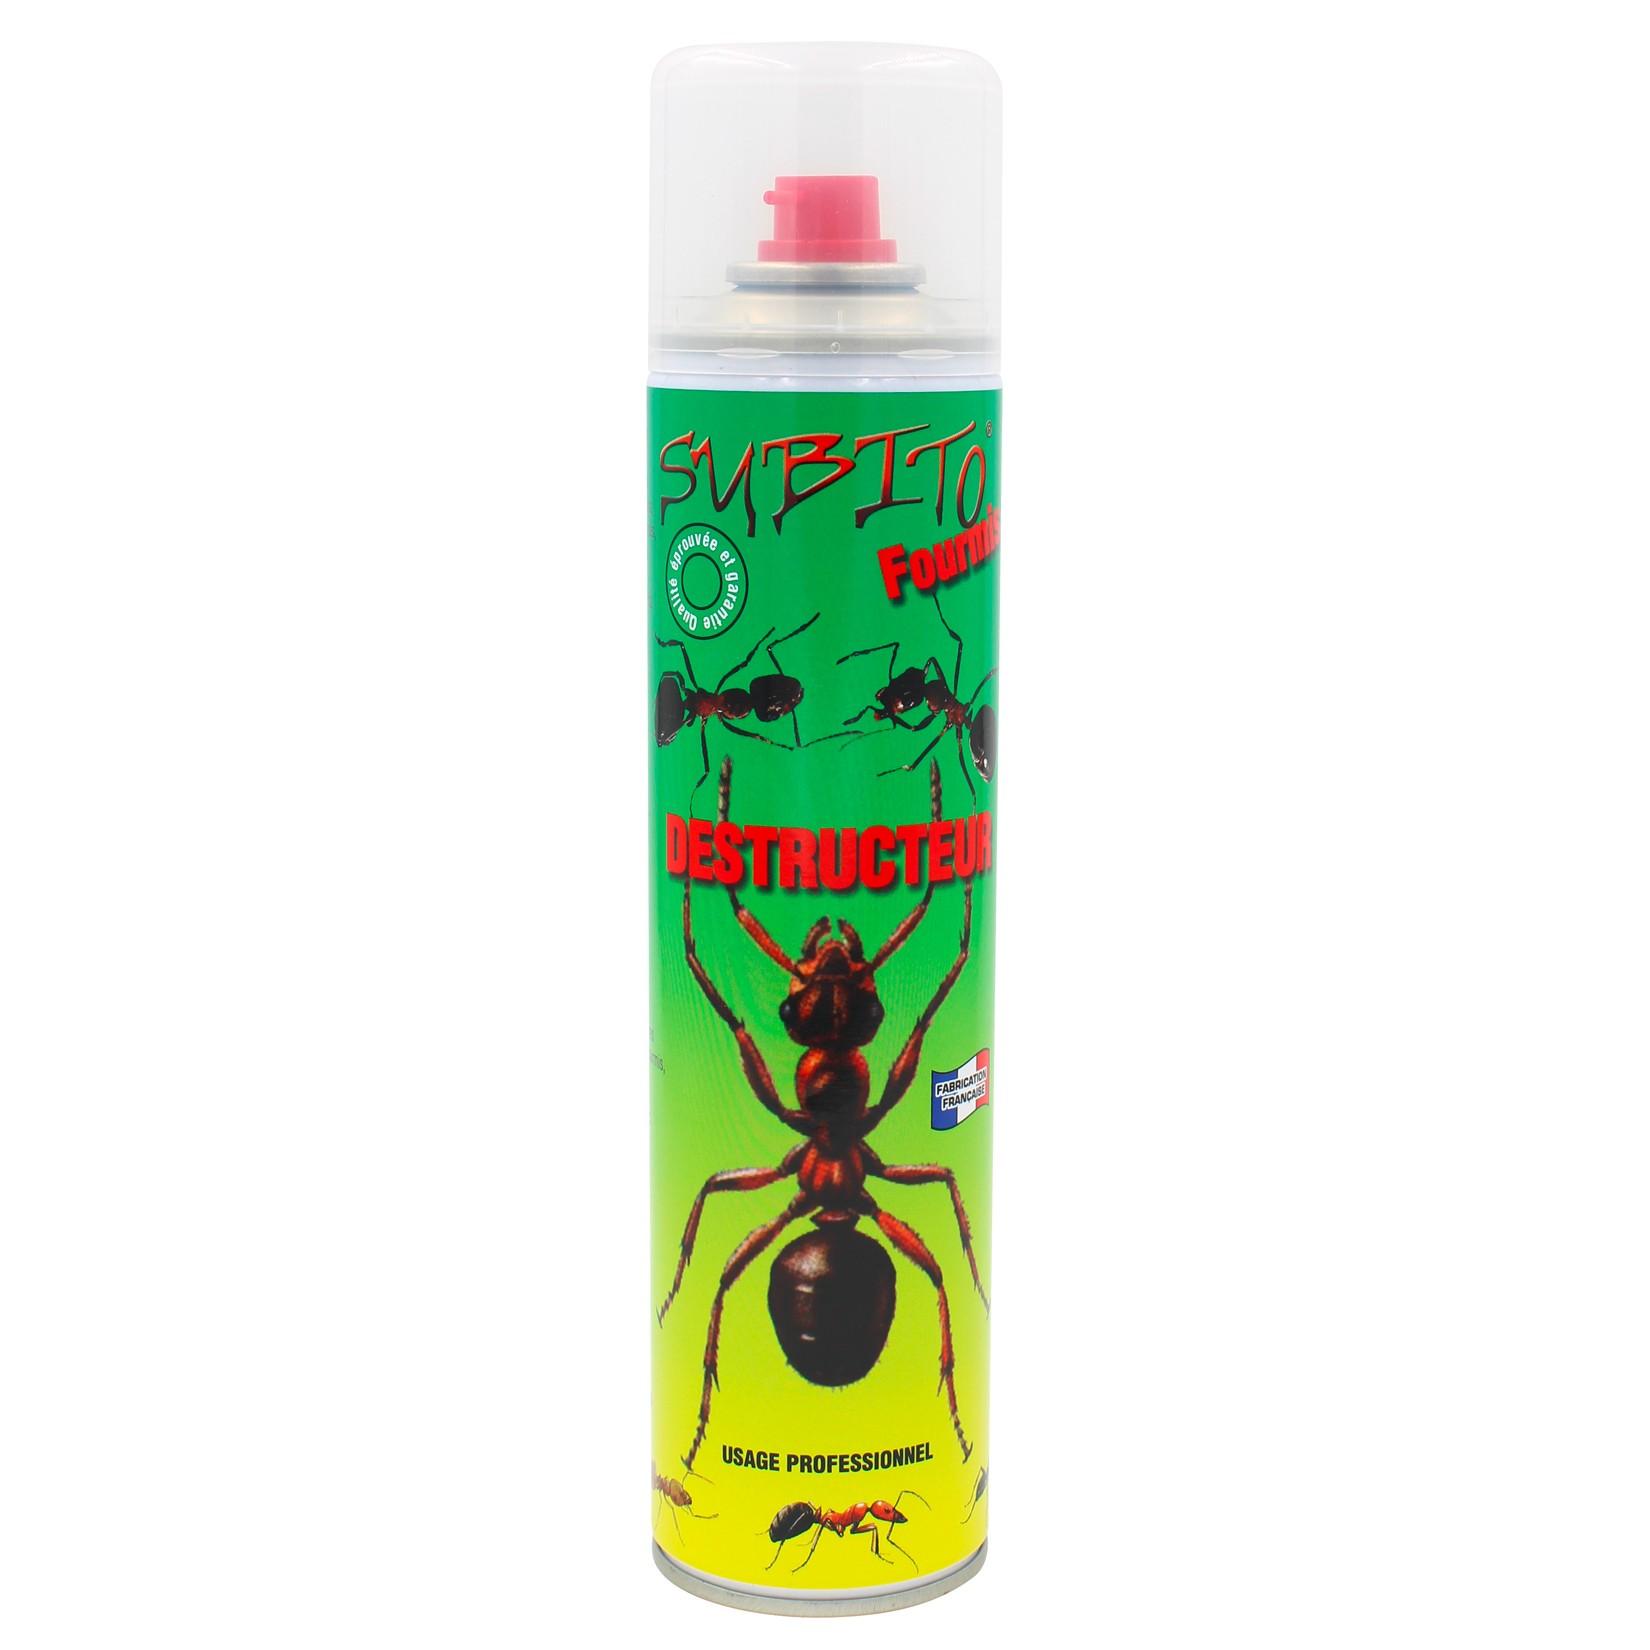 Aérosol insecticide destructeur spécial anti-fourmis 400 ml de Subito | Insecticide Antinuisible Qualité Professionnelle